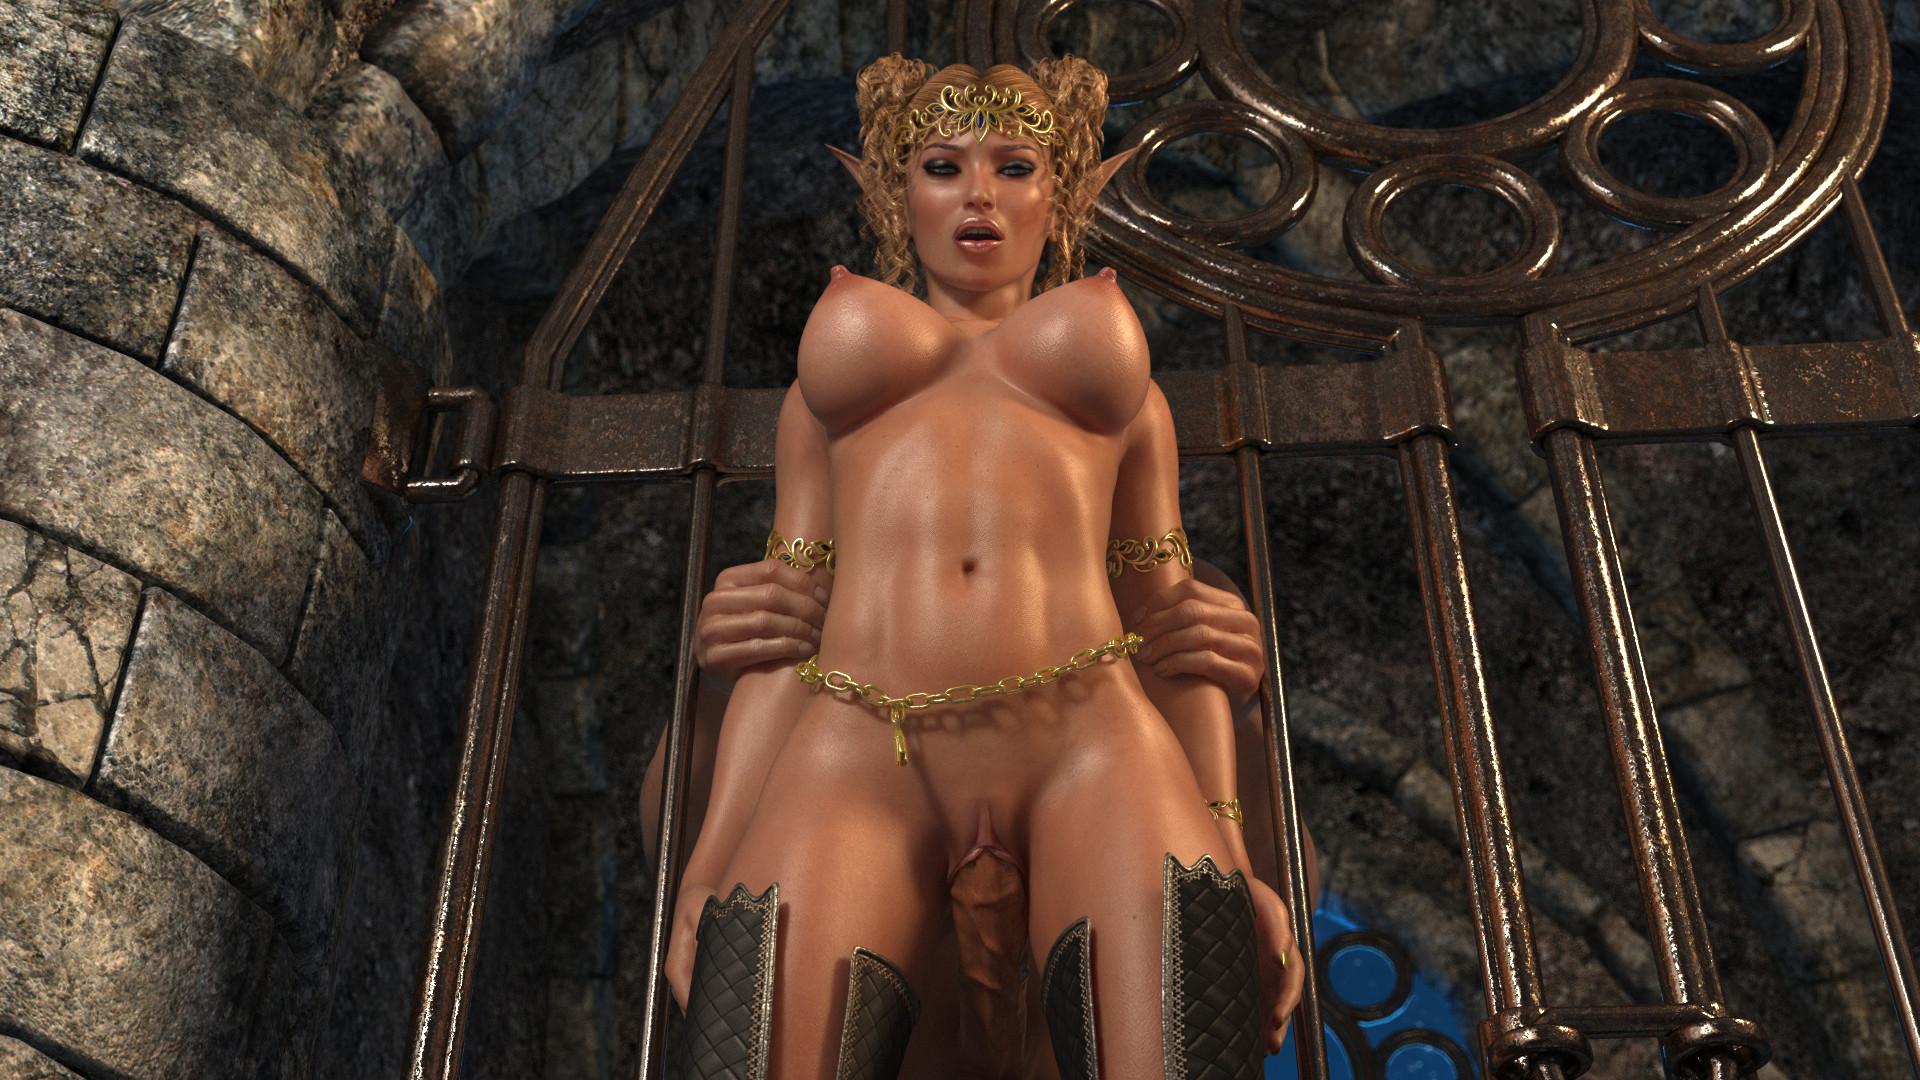 Смотреть порно эльфов онлайн, Эльфийки ебуться с мутантами, мужиками и орками плюс 21 фотография